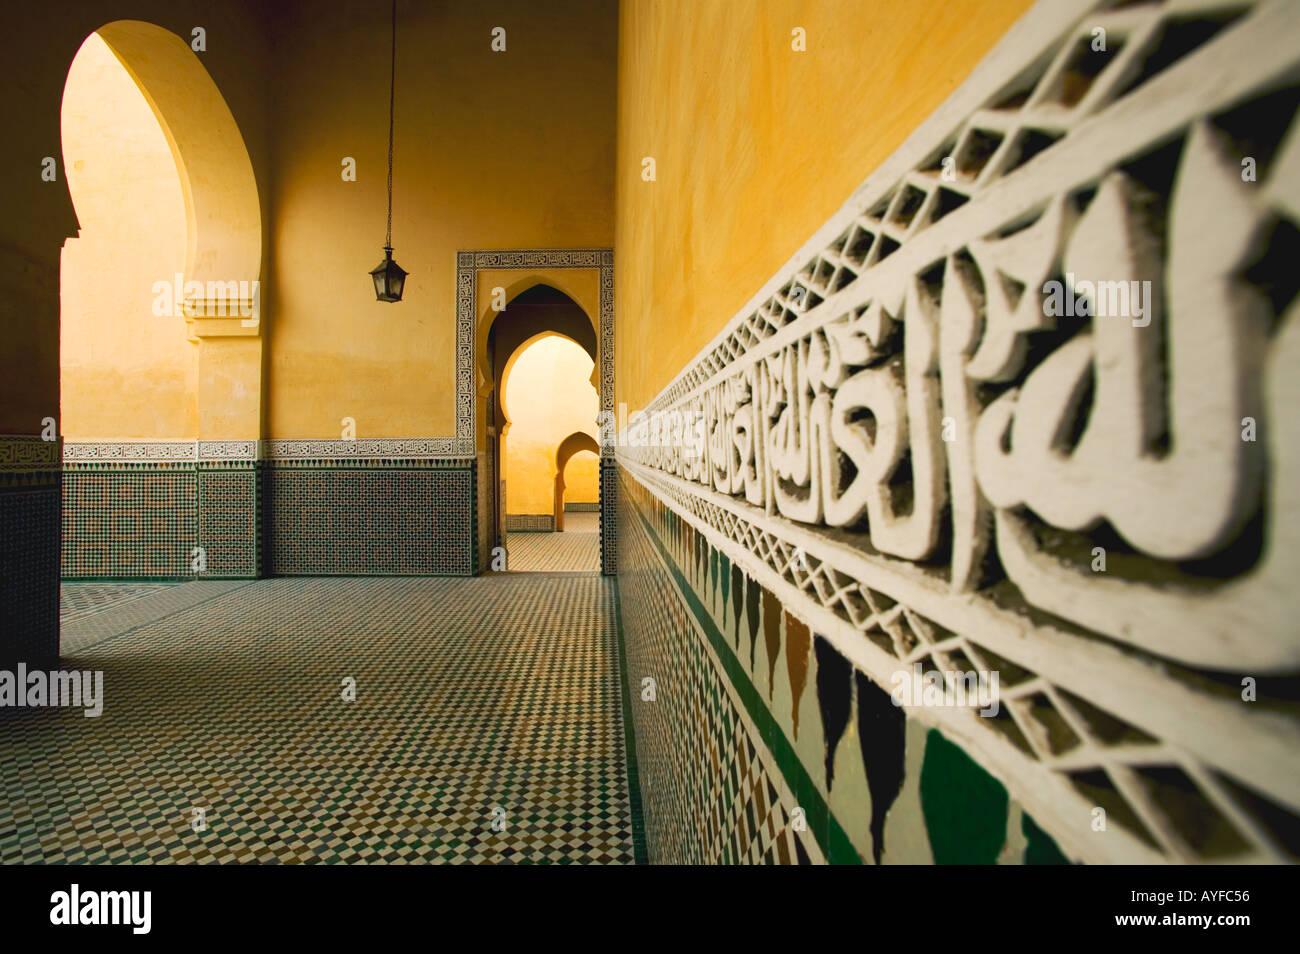 Antichità citazioni coraniche sulla piastrella lavorare intorno alle pareti interne del Mausoleo di Moulay Ismail città di Meknes Marocco Foto Stock